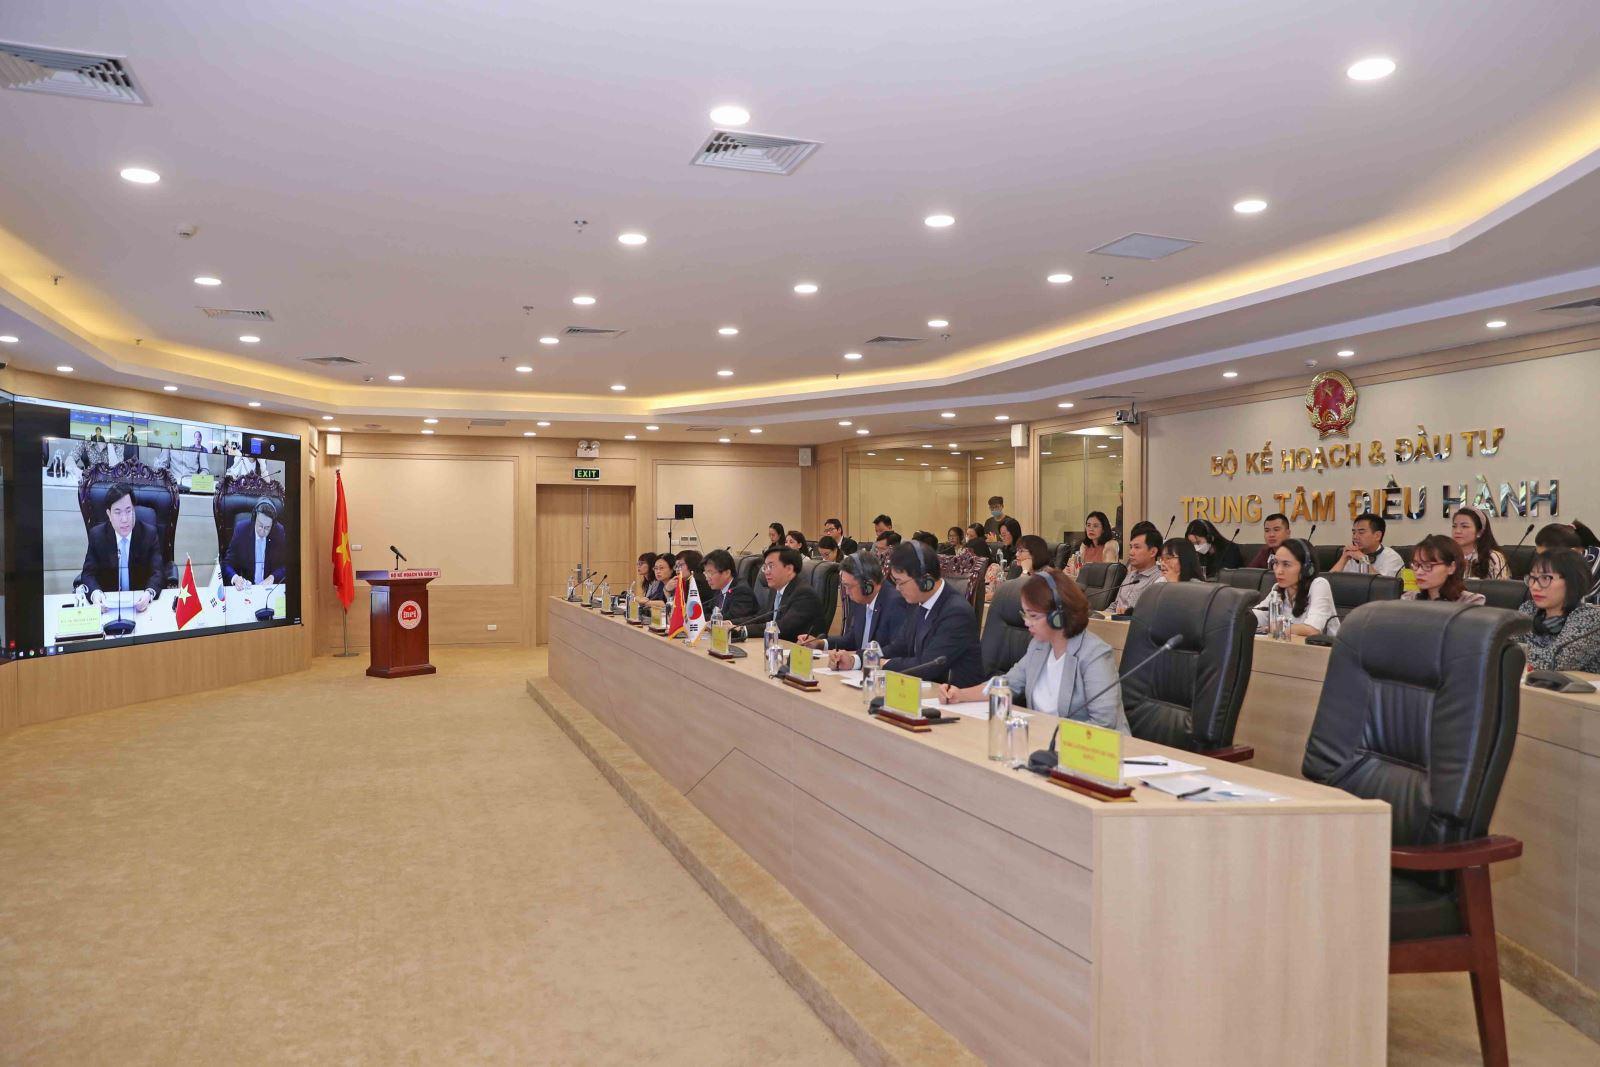 Hội thảo Đầu tư Kinh doanh trực tuyến Việt Nam - Hàn Quốc